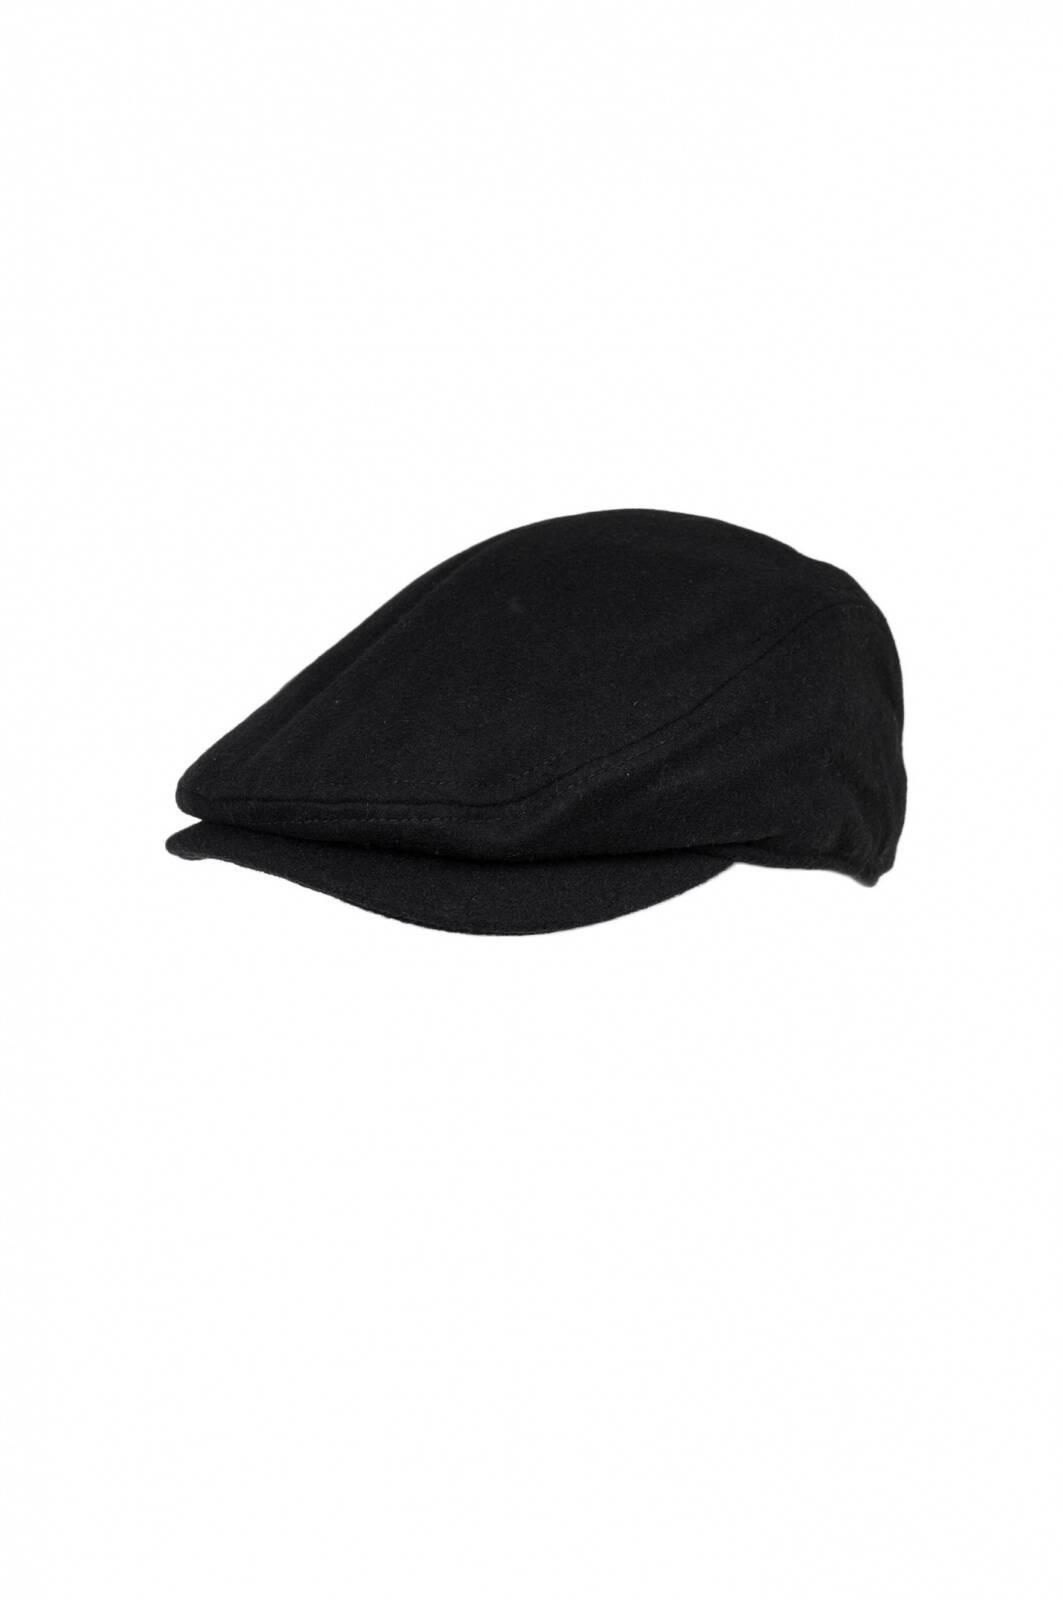 Melton Flat cap Tommy Hilfiger  c5173e946cd